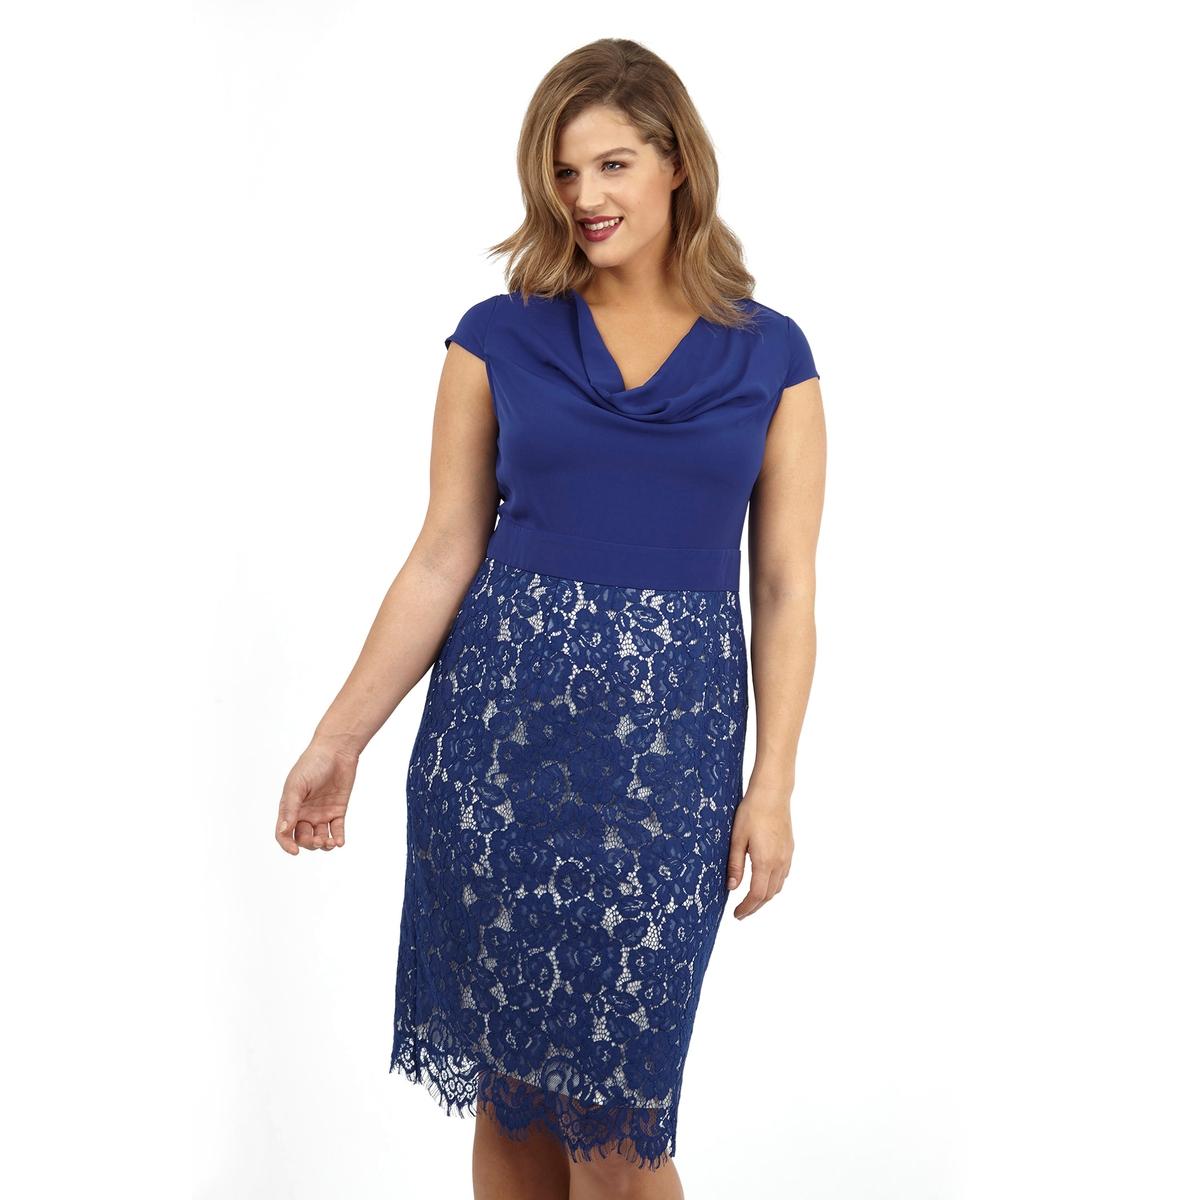 ПлатьеПлатье без рукавов LOVEDROBE. Красивый V-образный вырез. Отделка низа кружевом. 100% полиэстер.<br><br>Цвет: синий<br>Размер: 48 (FR) - 54 (RUS)